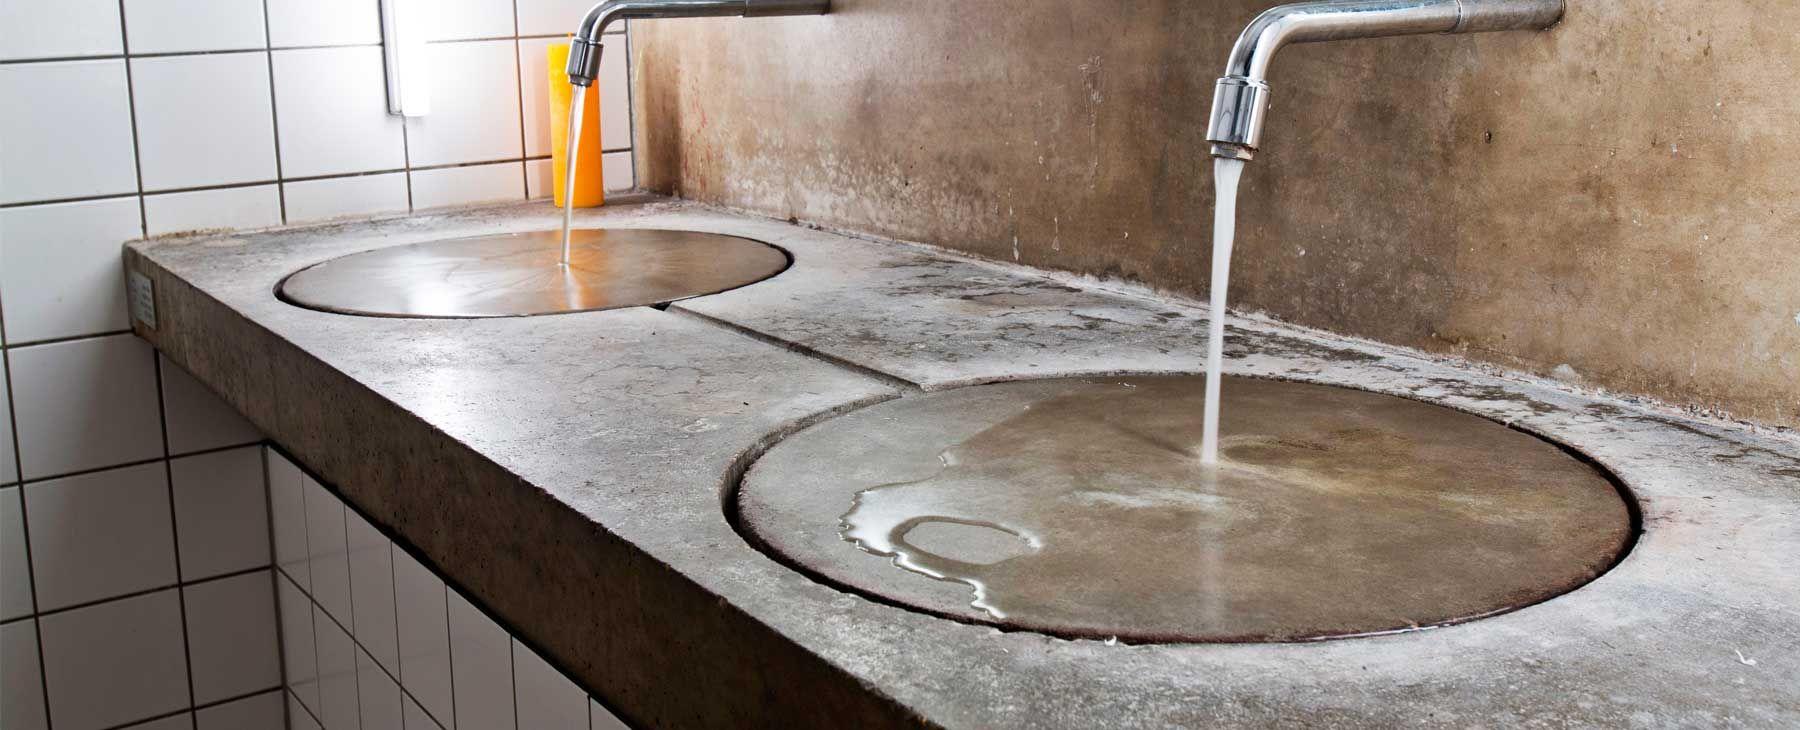 Design Doppel Waschtisch ohne Becken aus Beton mit Patina ...